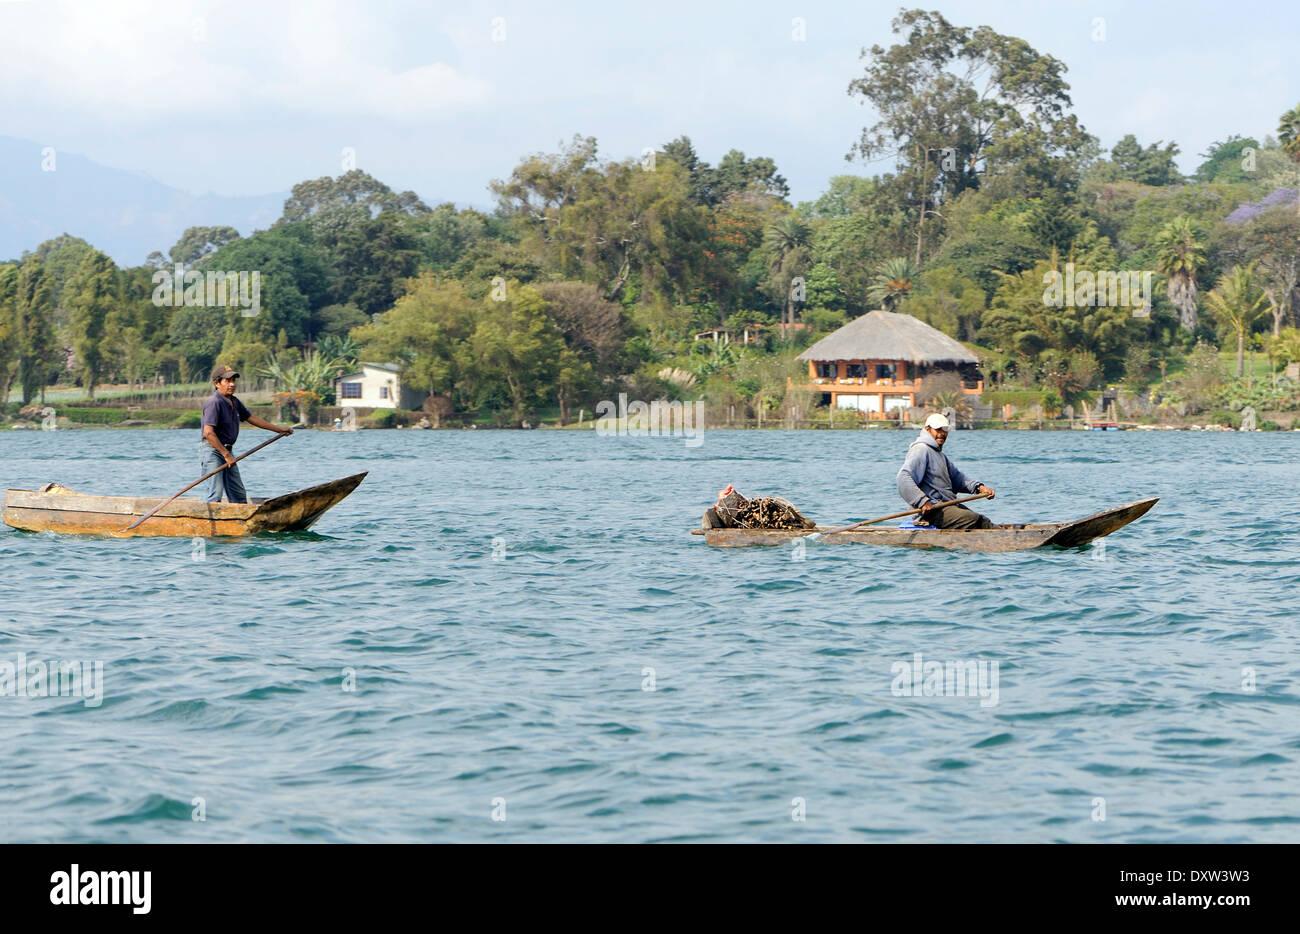 Two men paddle cayucos on Lake Atitlan. - Stock Image